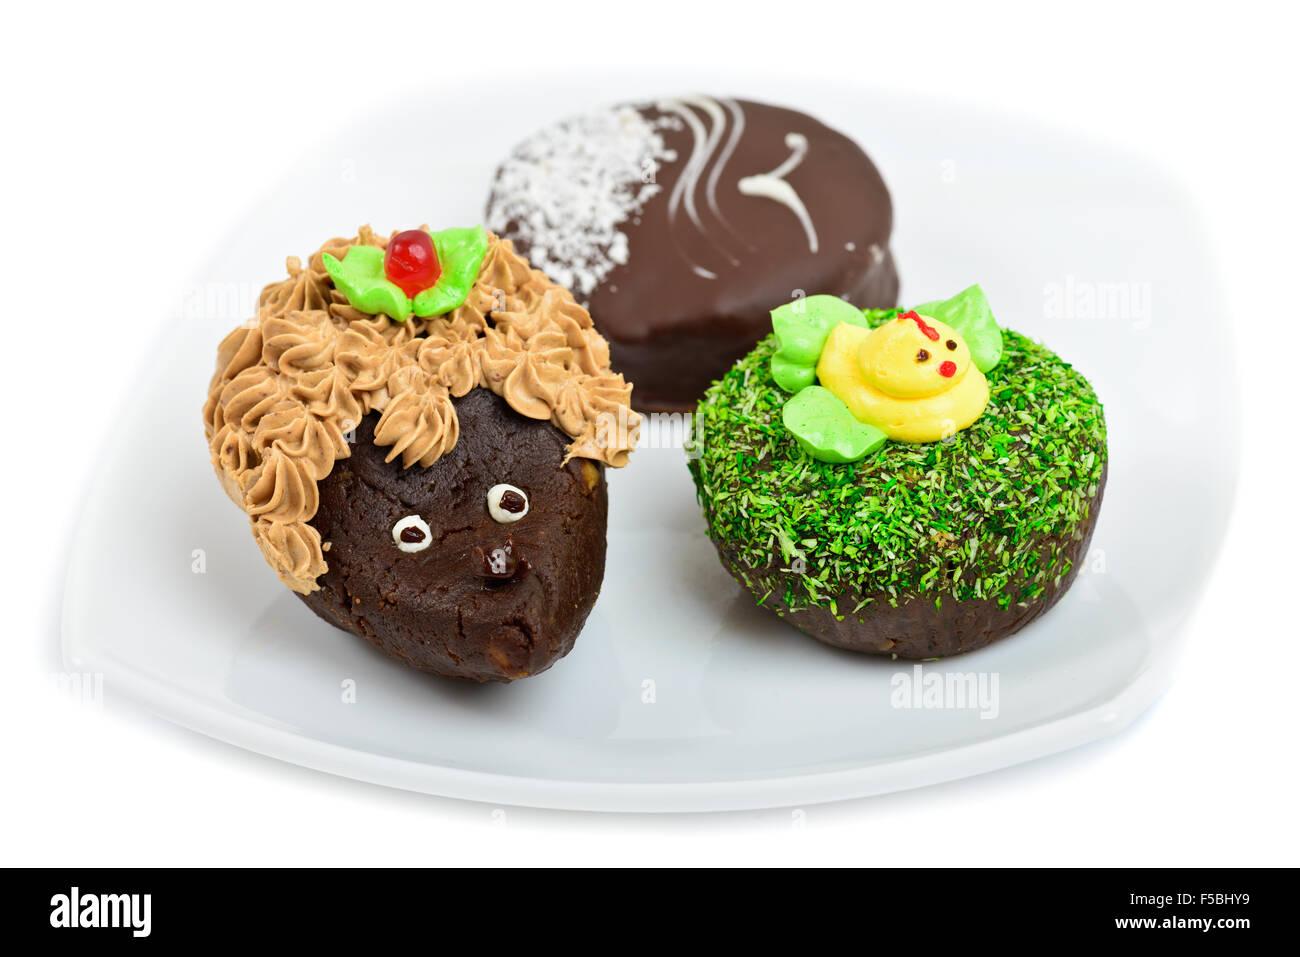 Kunstlerische Schokolade Kuchen Verziert Als Igel Ente Und Mowe